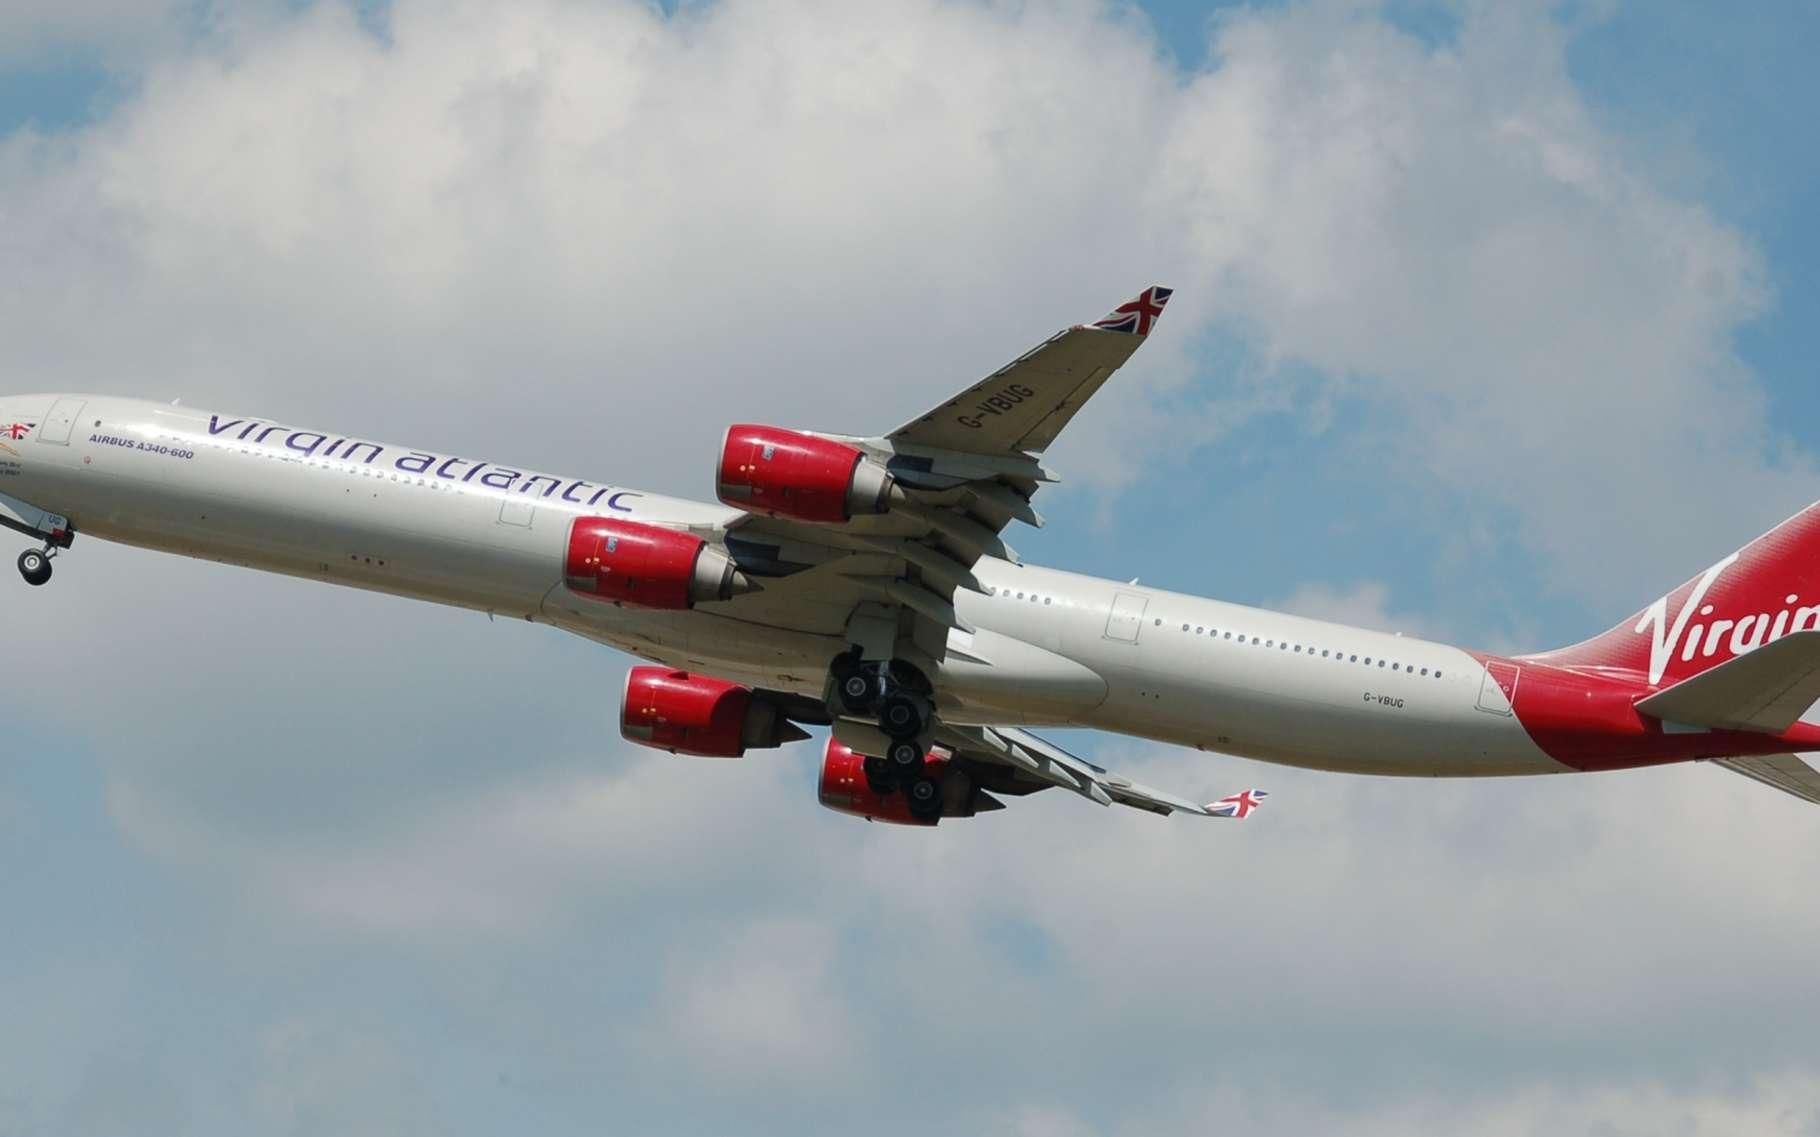 La compagnie Virgin Atlantic (dont on voit ici un Airbus A340-600), partenaire du projet, espère tester ce carburant l'an prochain. © Aero Icarus, CC BY-SA 3.0